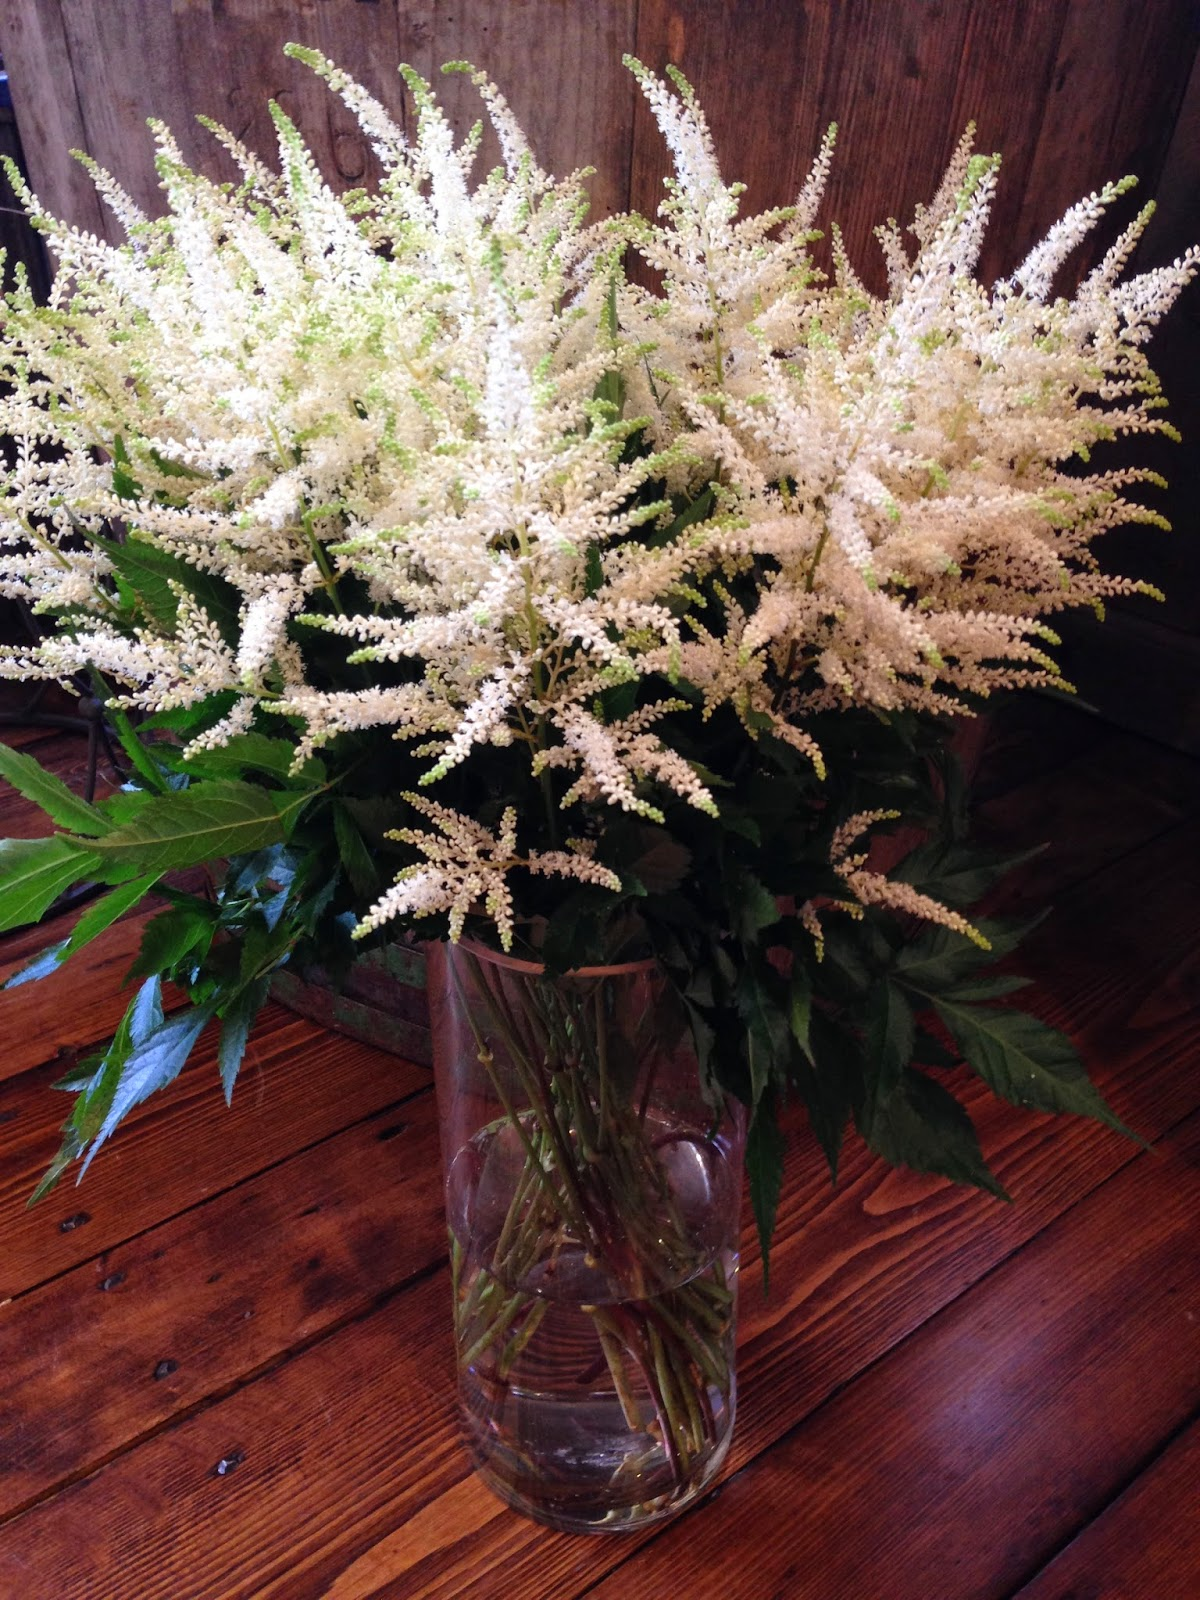 white astilbe : flower of the week : les fleurs : andover florist